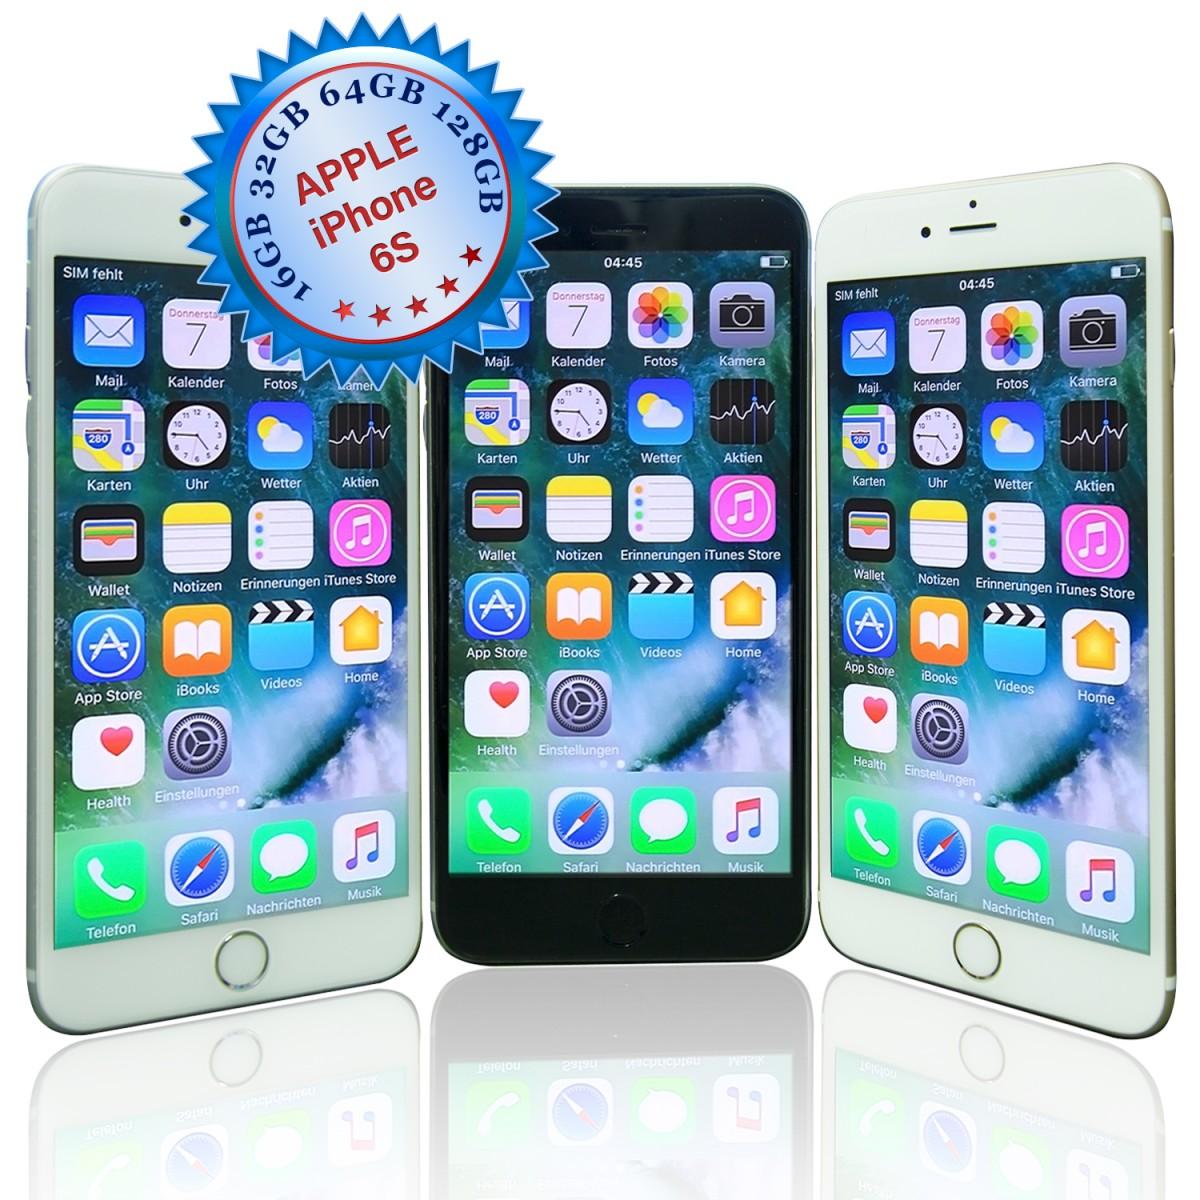 iphone 6s kaufen gebraucht